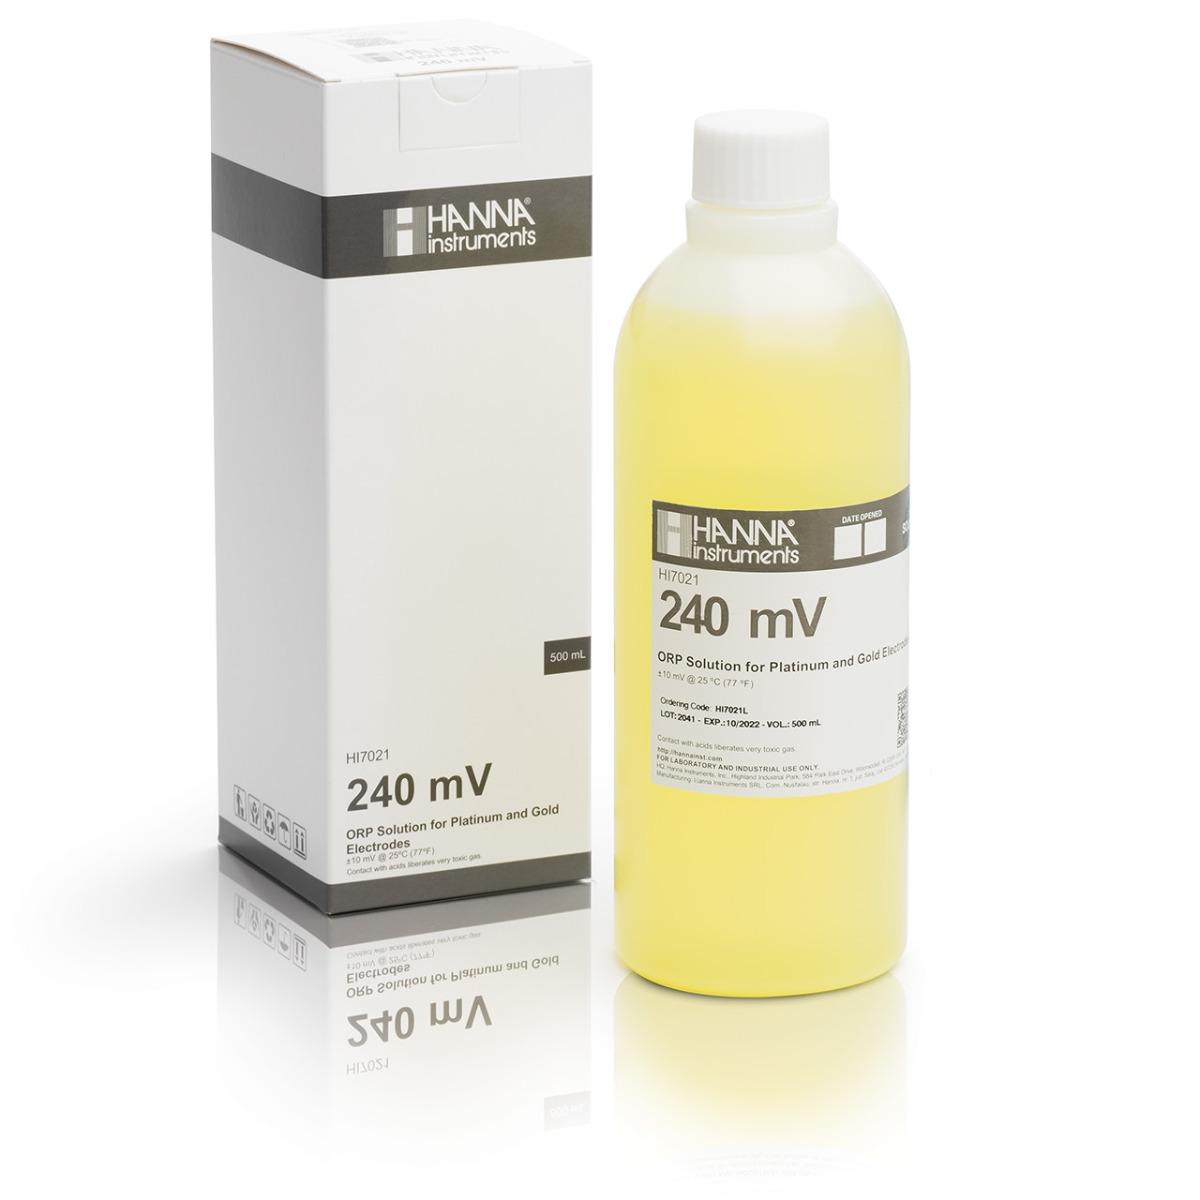 HI7021L 240 mV @ 25°C ORP Test Solution (500 mL)